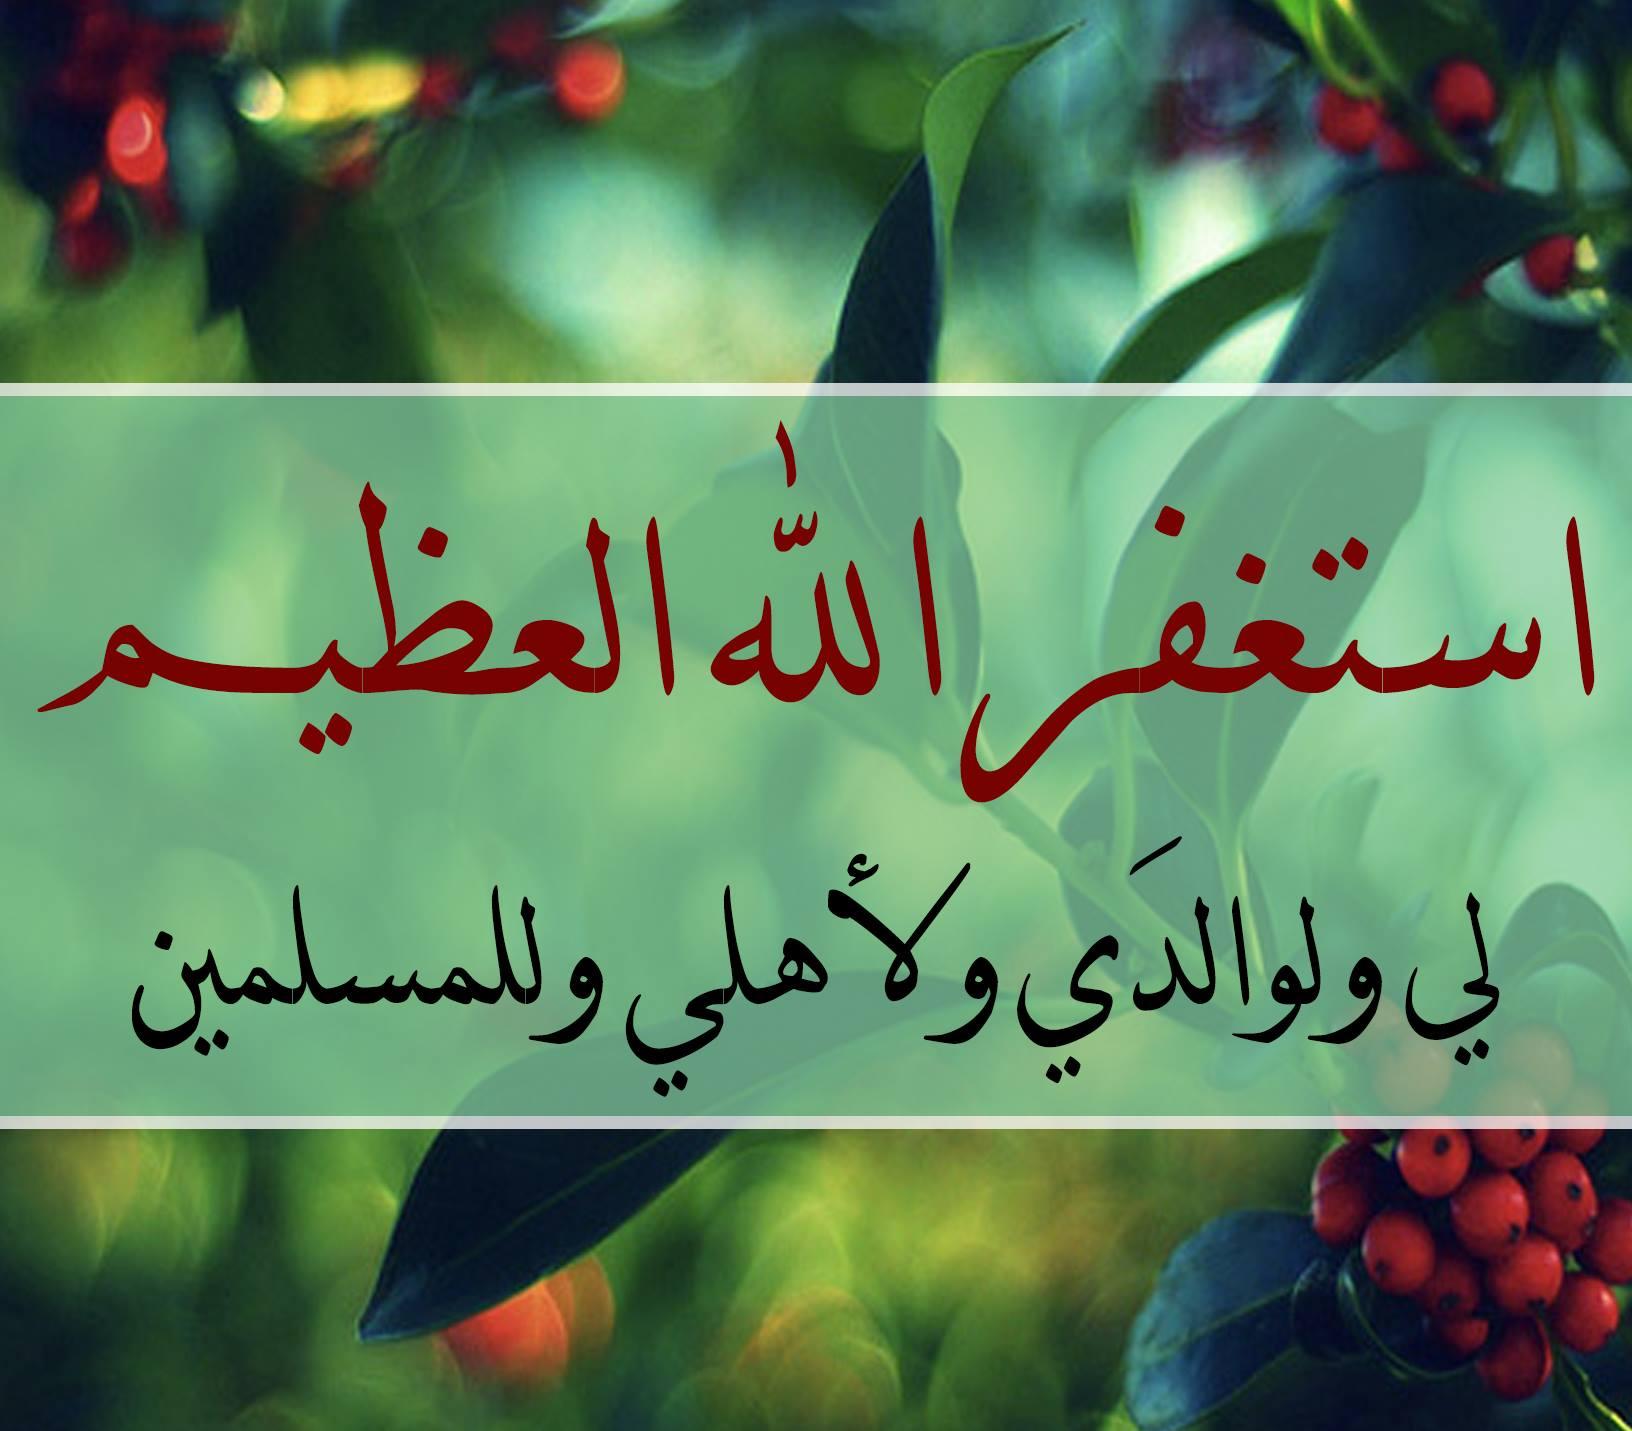 بالصور صوردينيه اسلاميه , شوف جديد الصور الاسلامية 6655 7